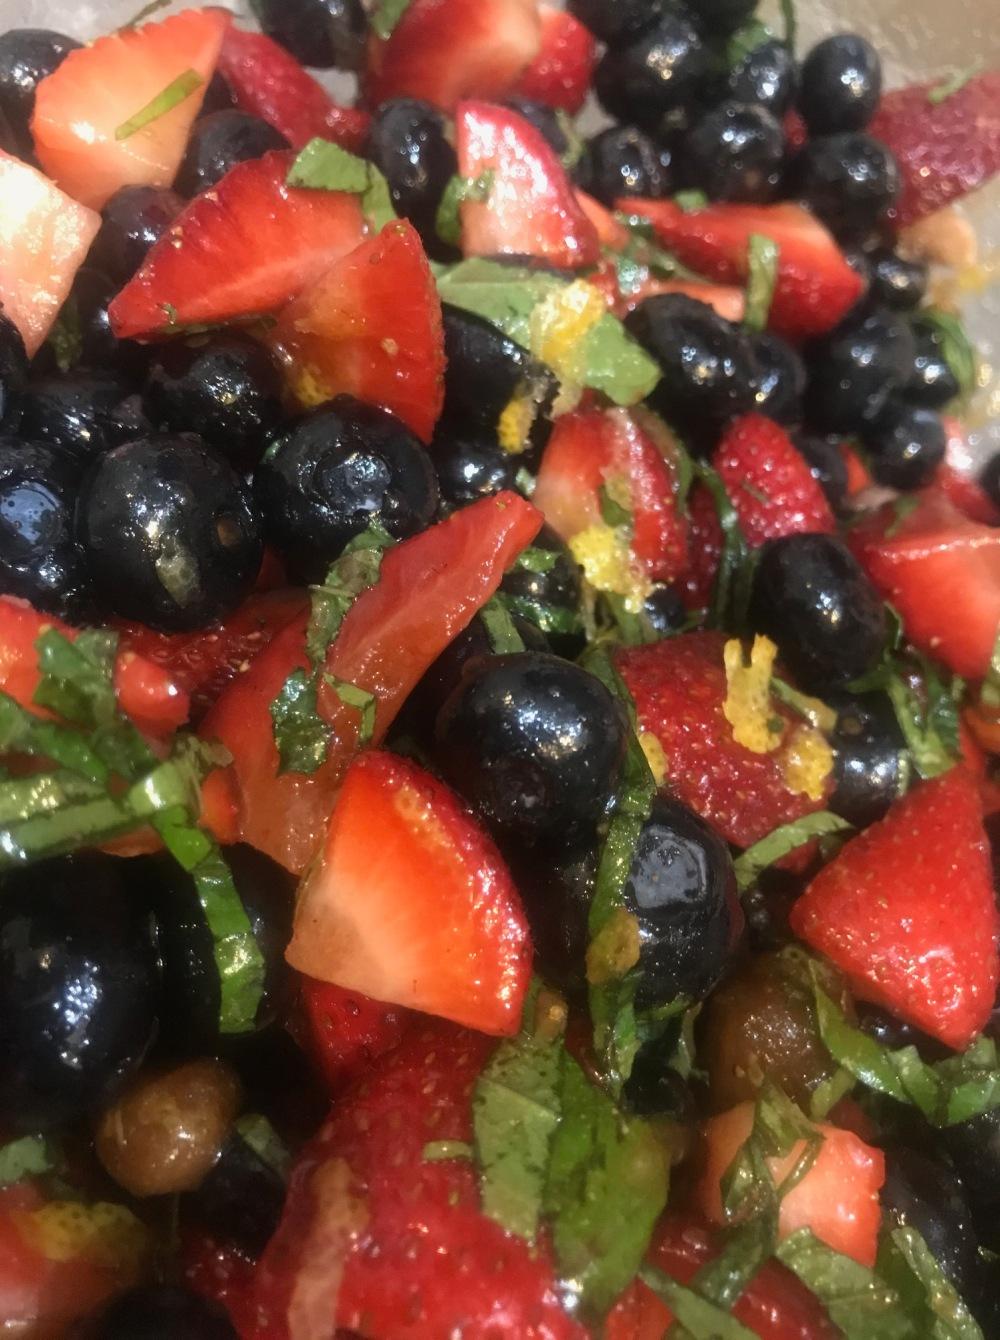 berriesngranola3